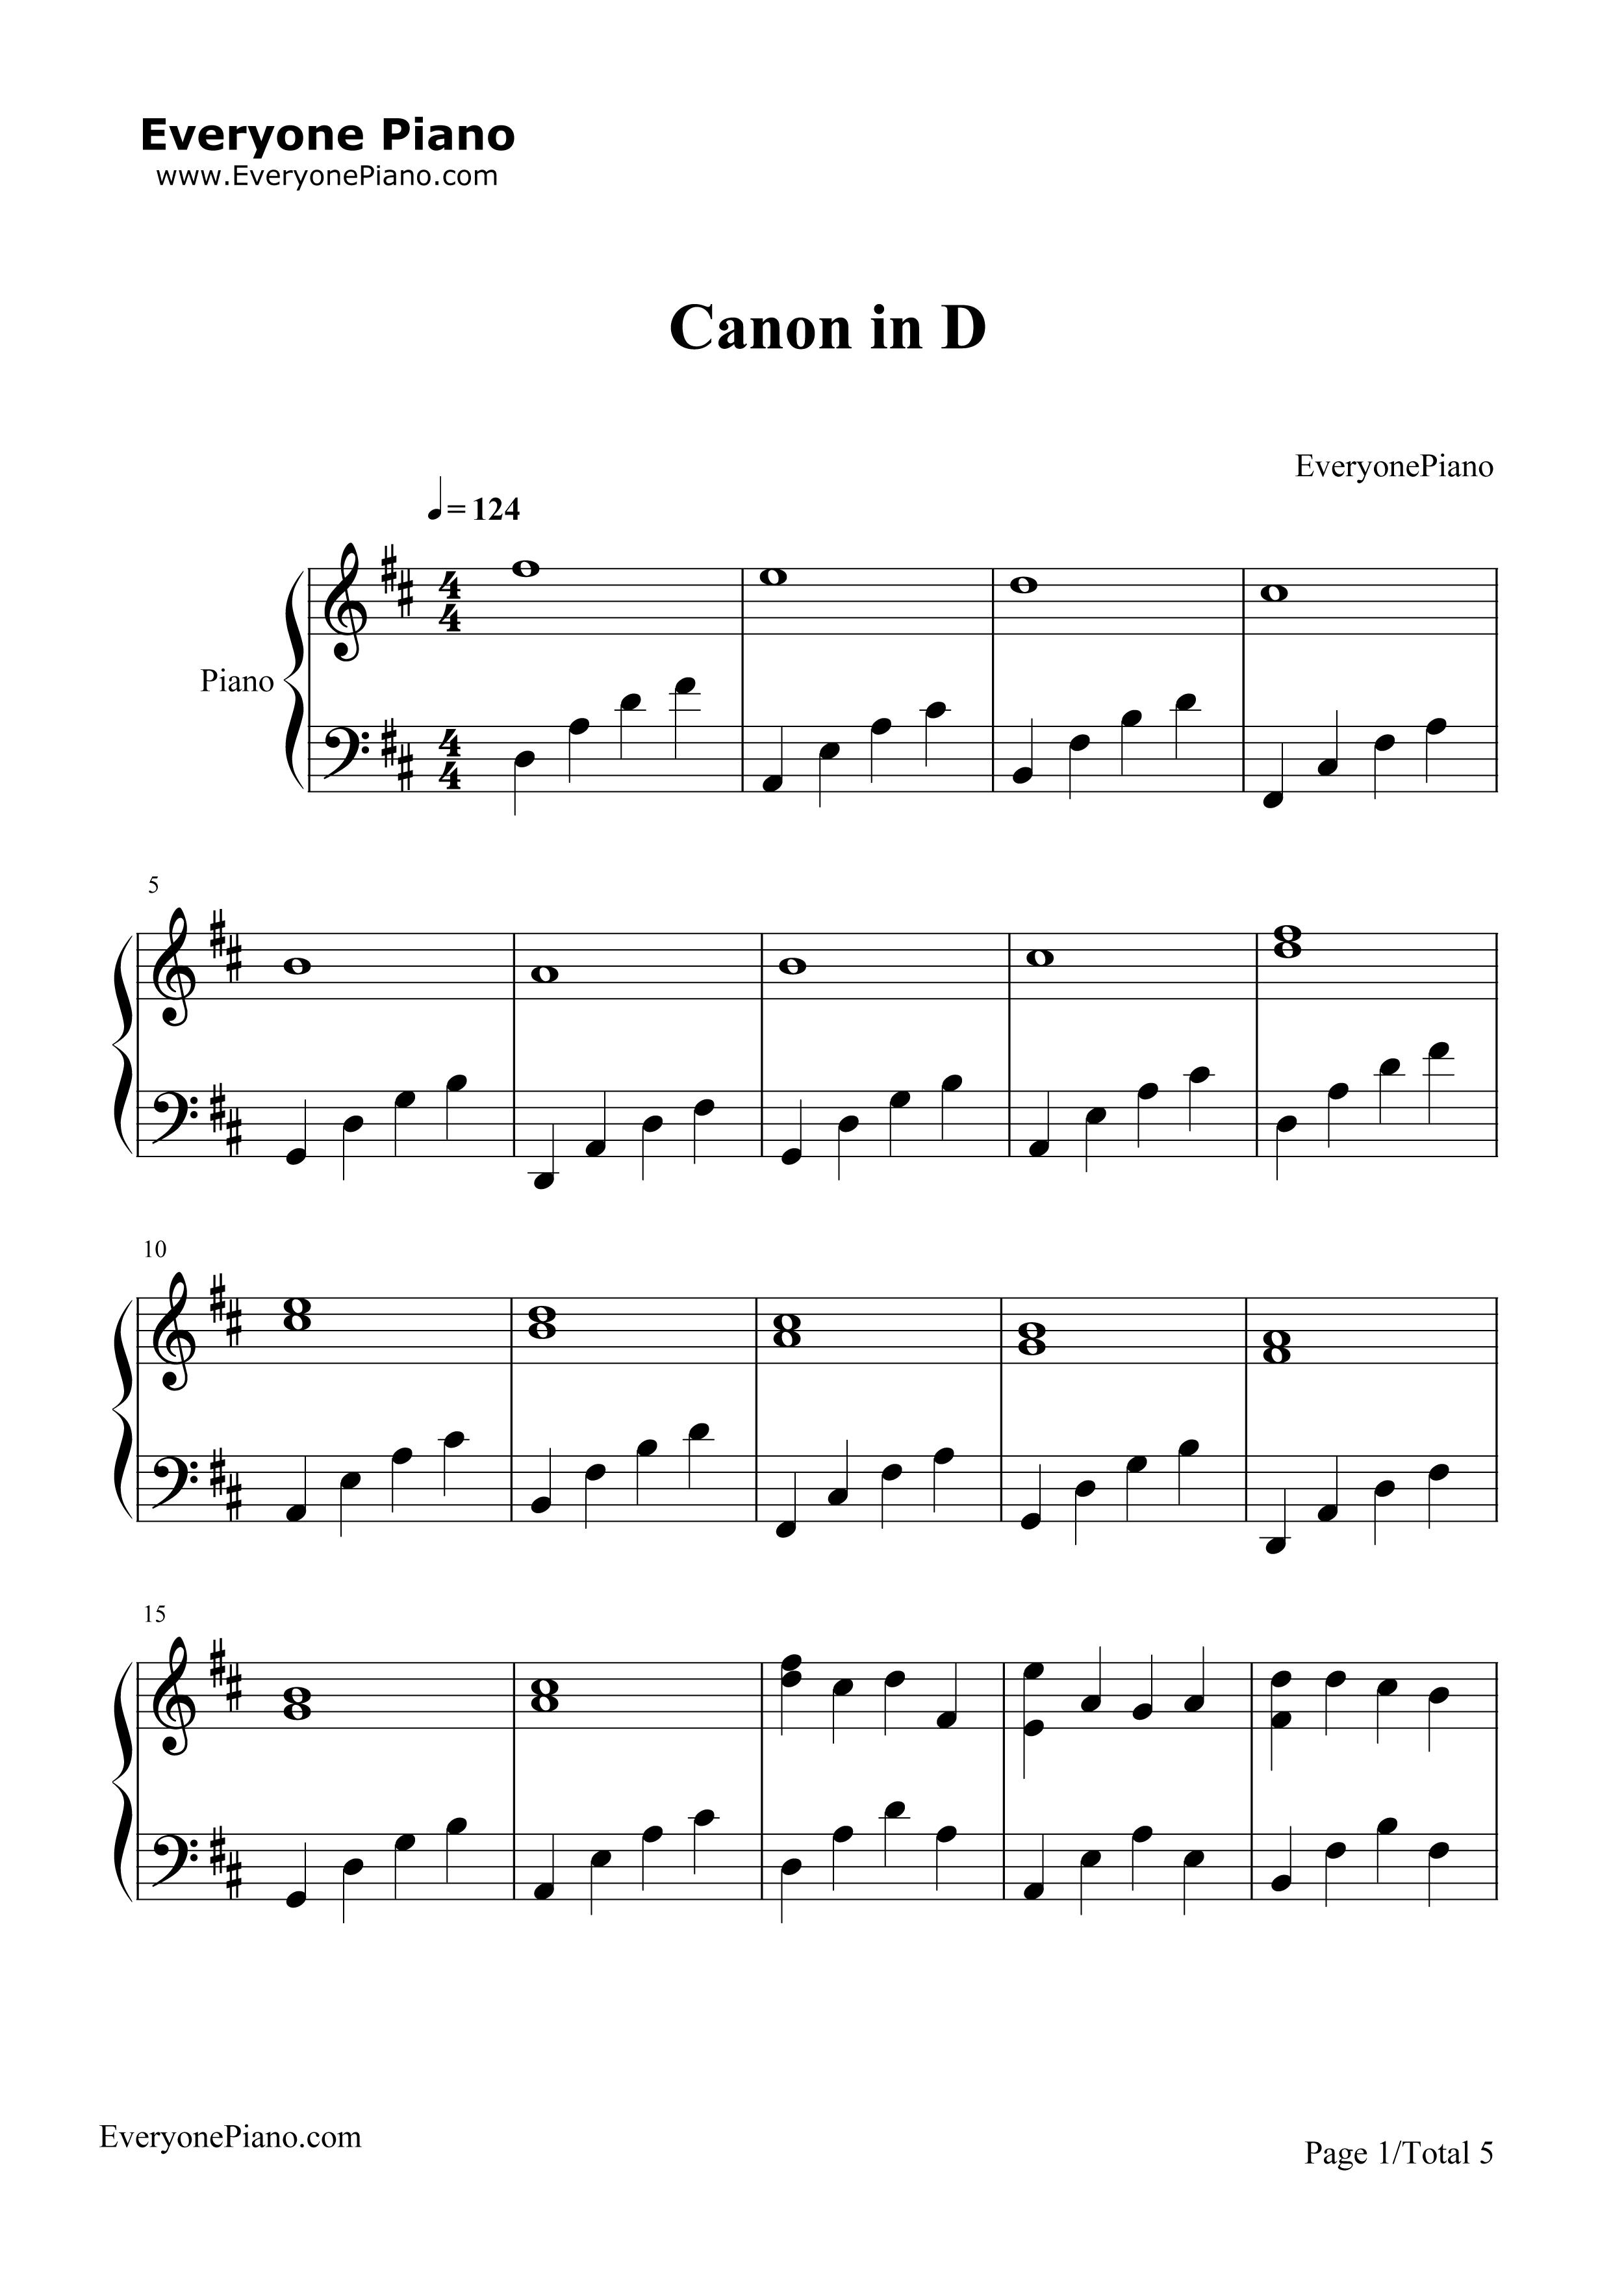 钢琴曲谱 轻音乐 d大调卡农-帕赫贝尔 d大调卡农-帕赫贝尔五线谱预览1